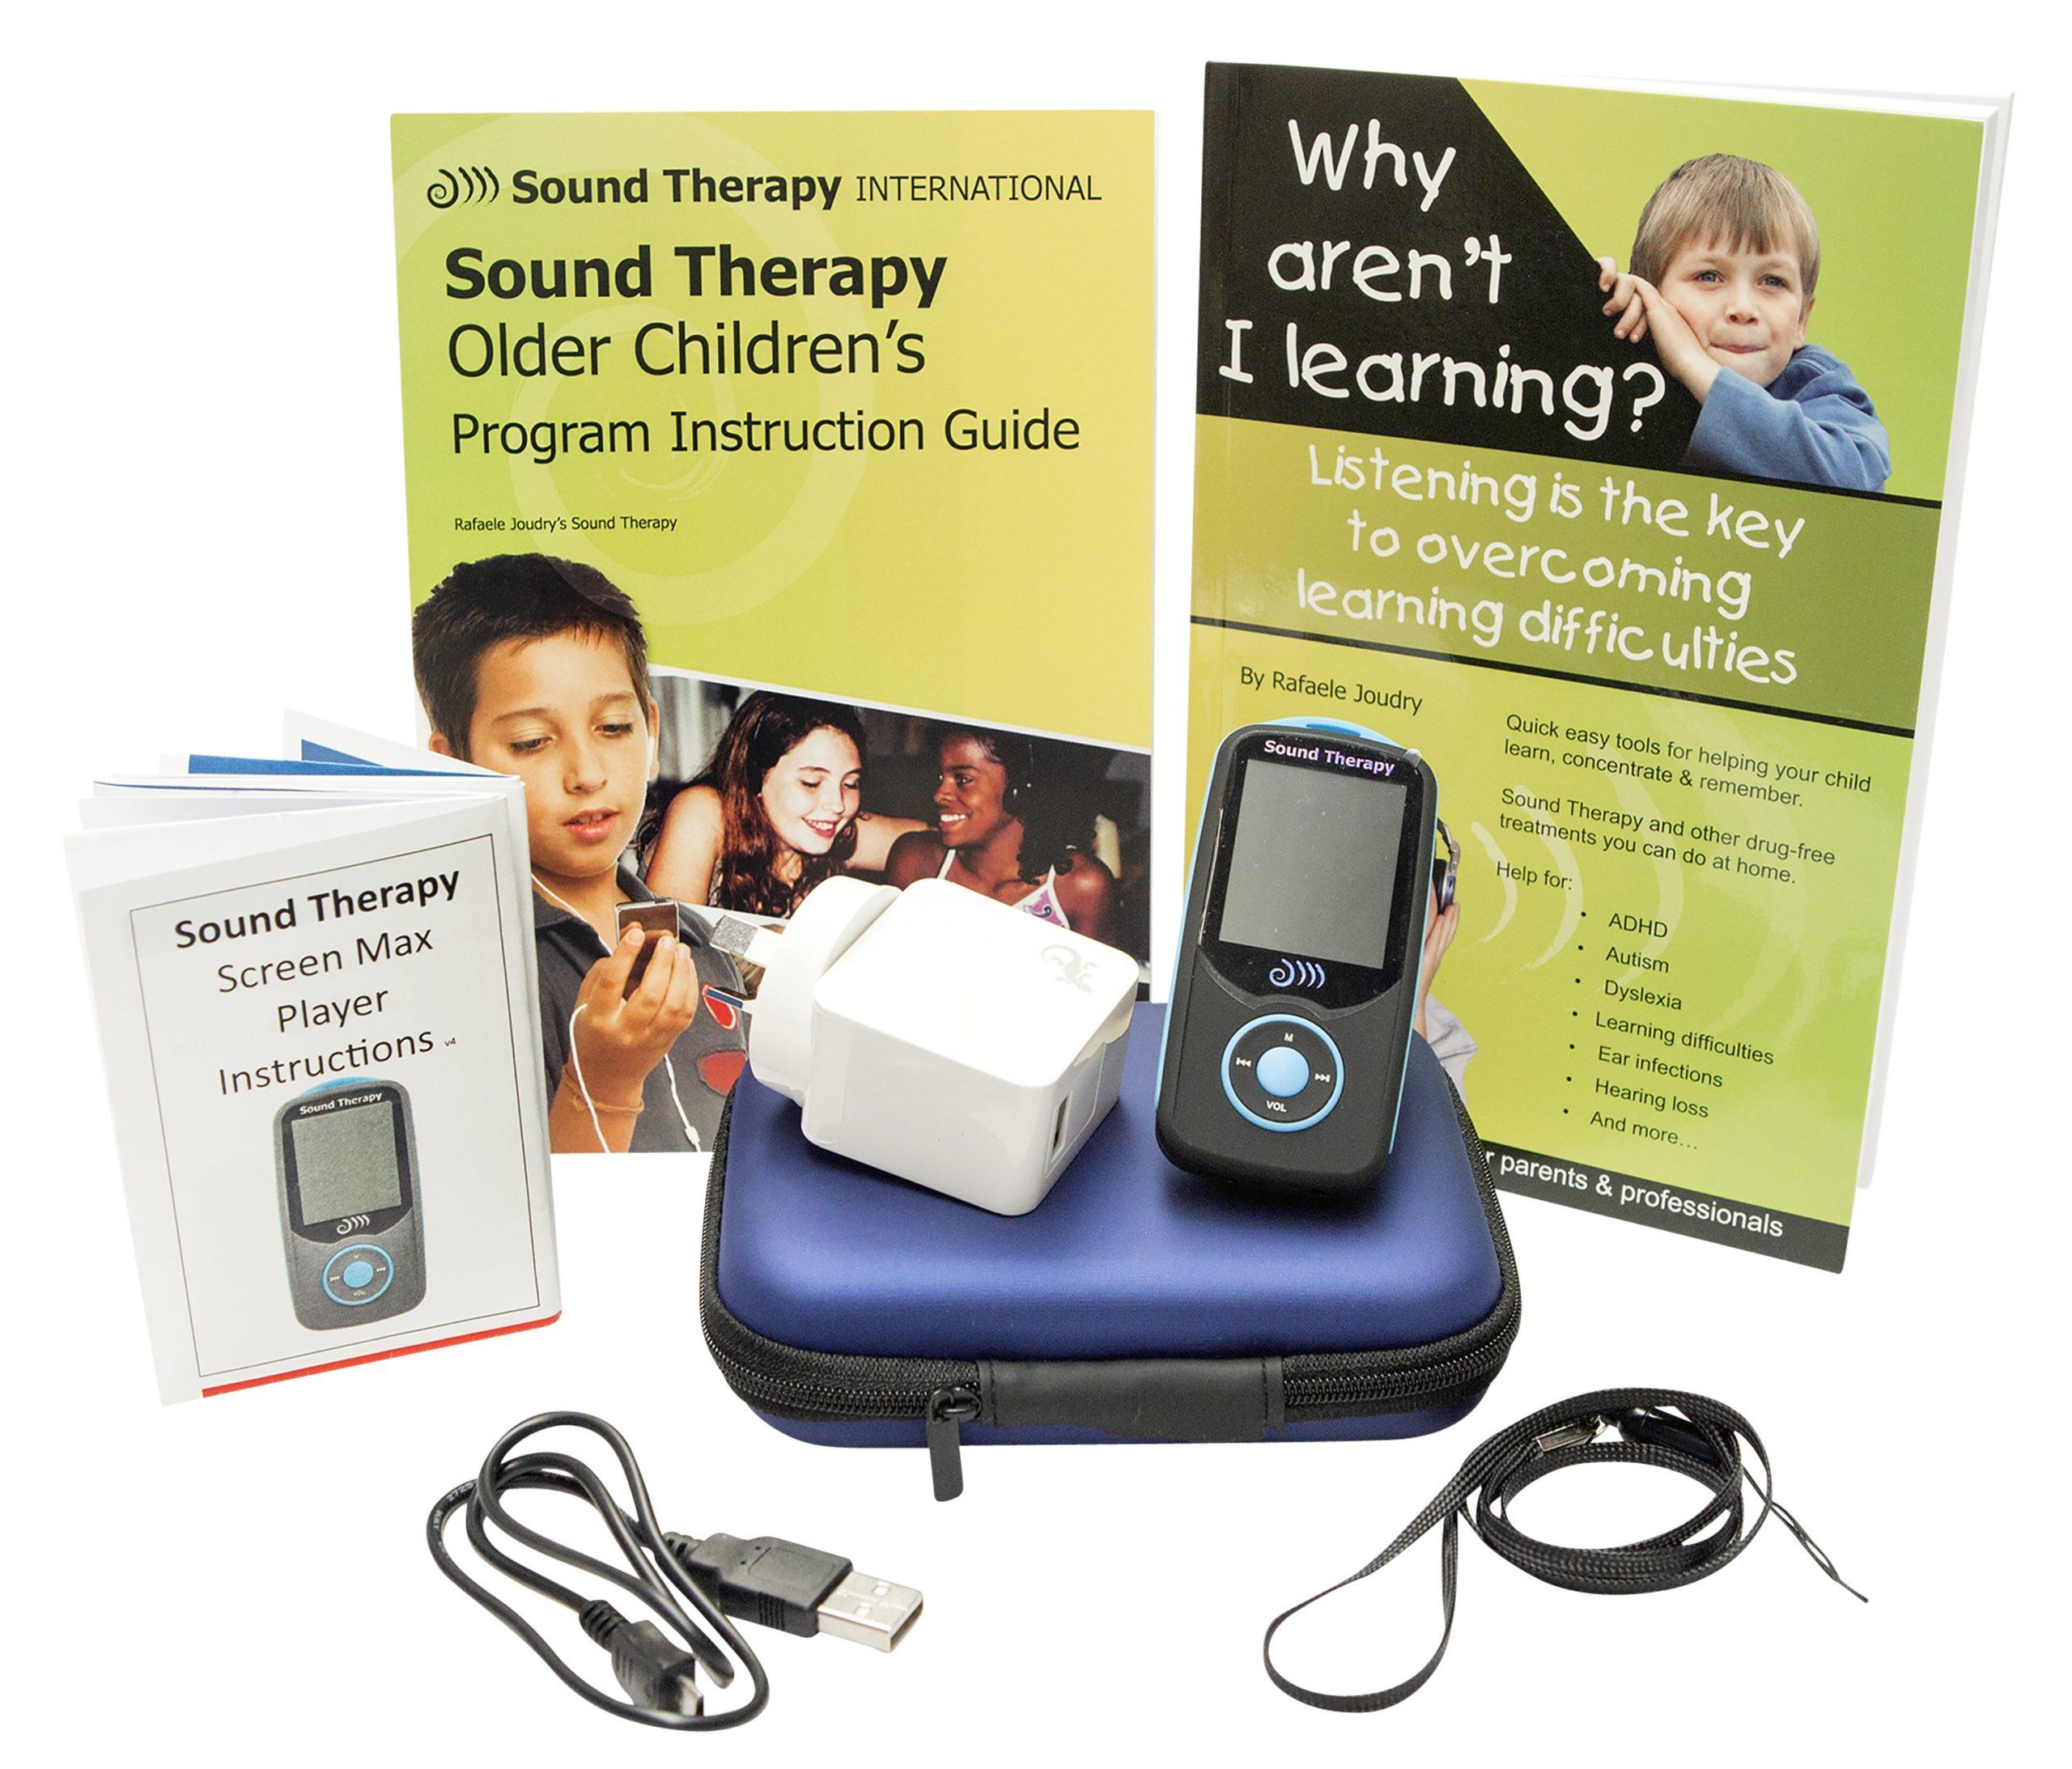 Listening Machine for Older Children's